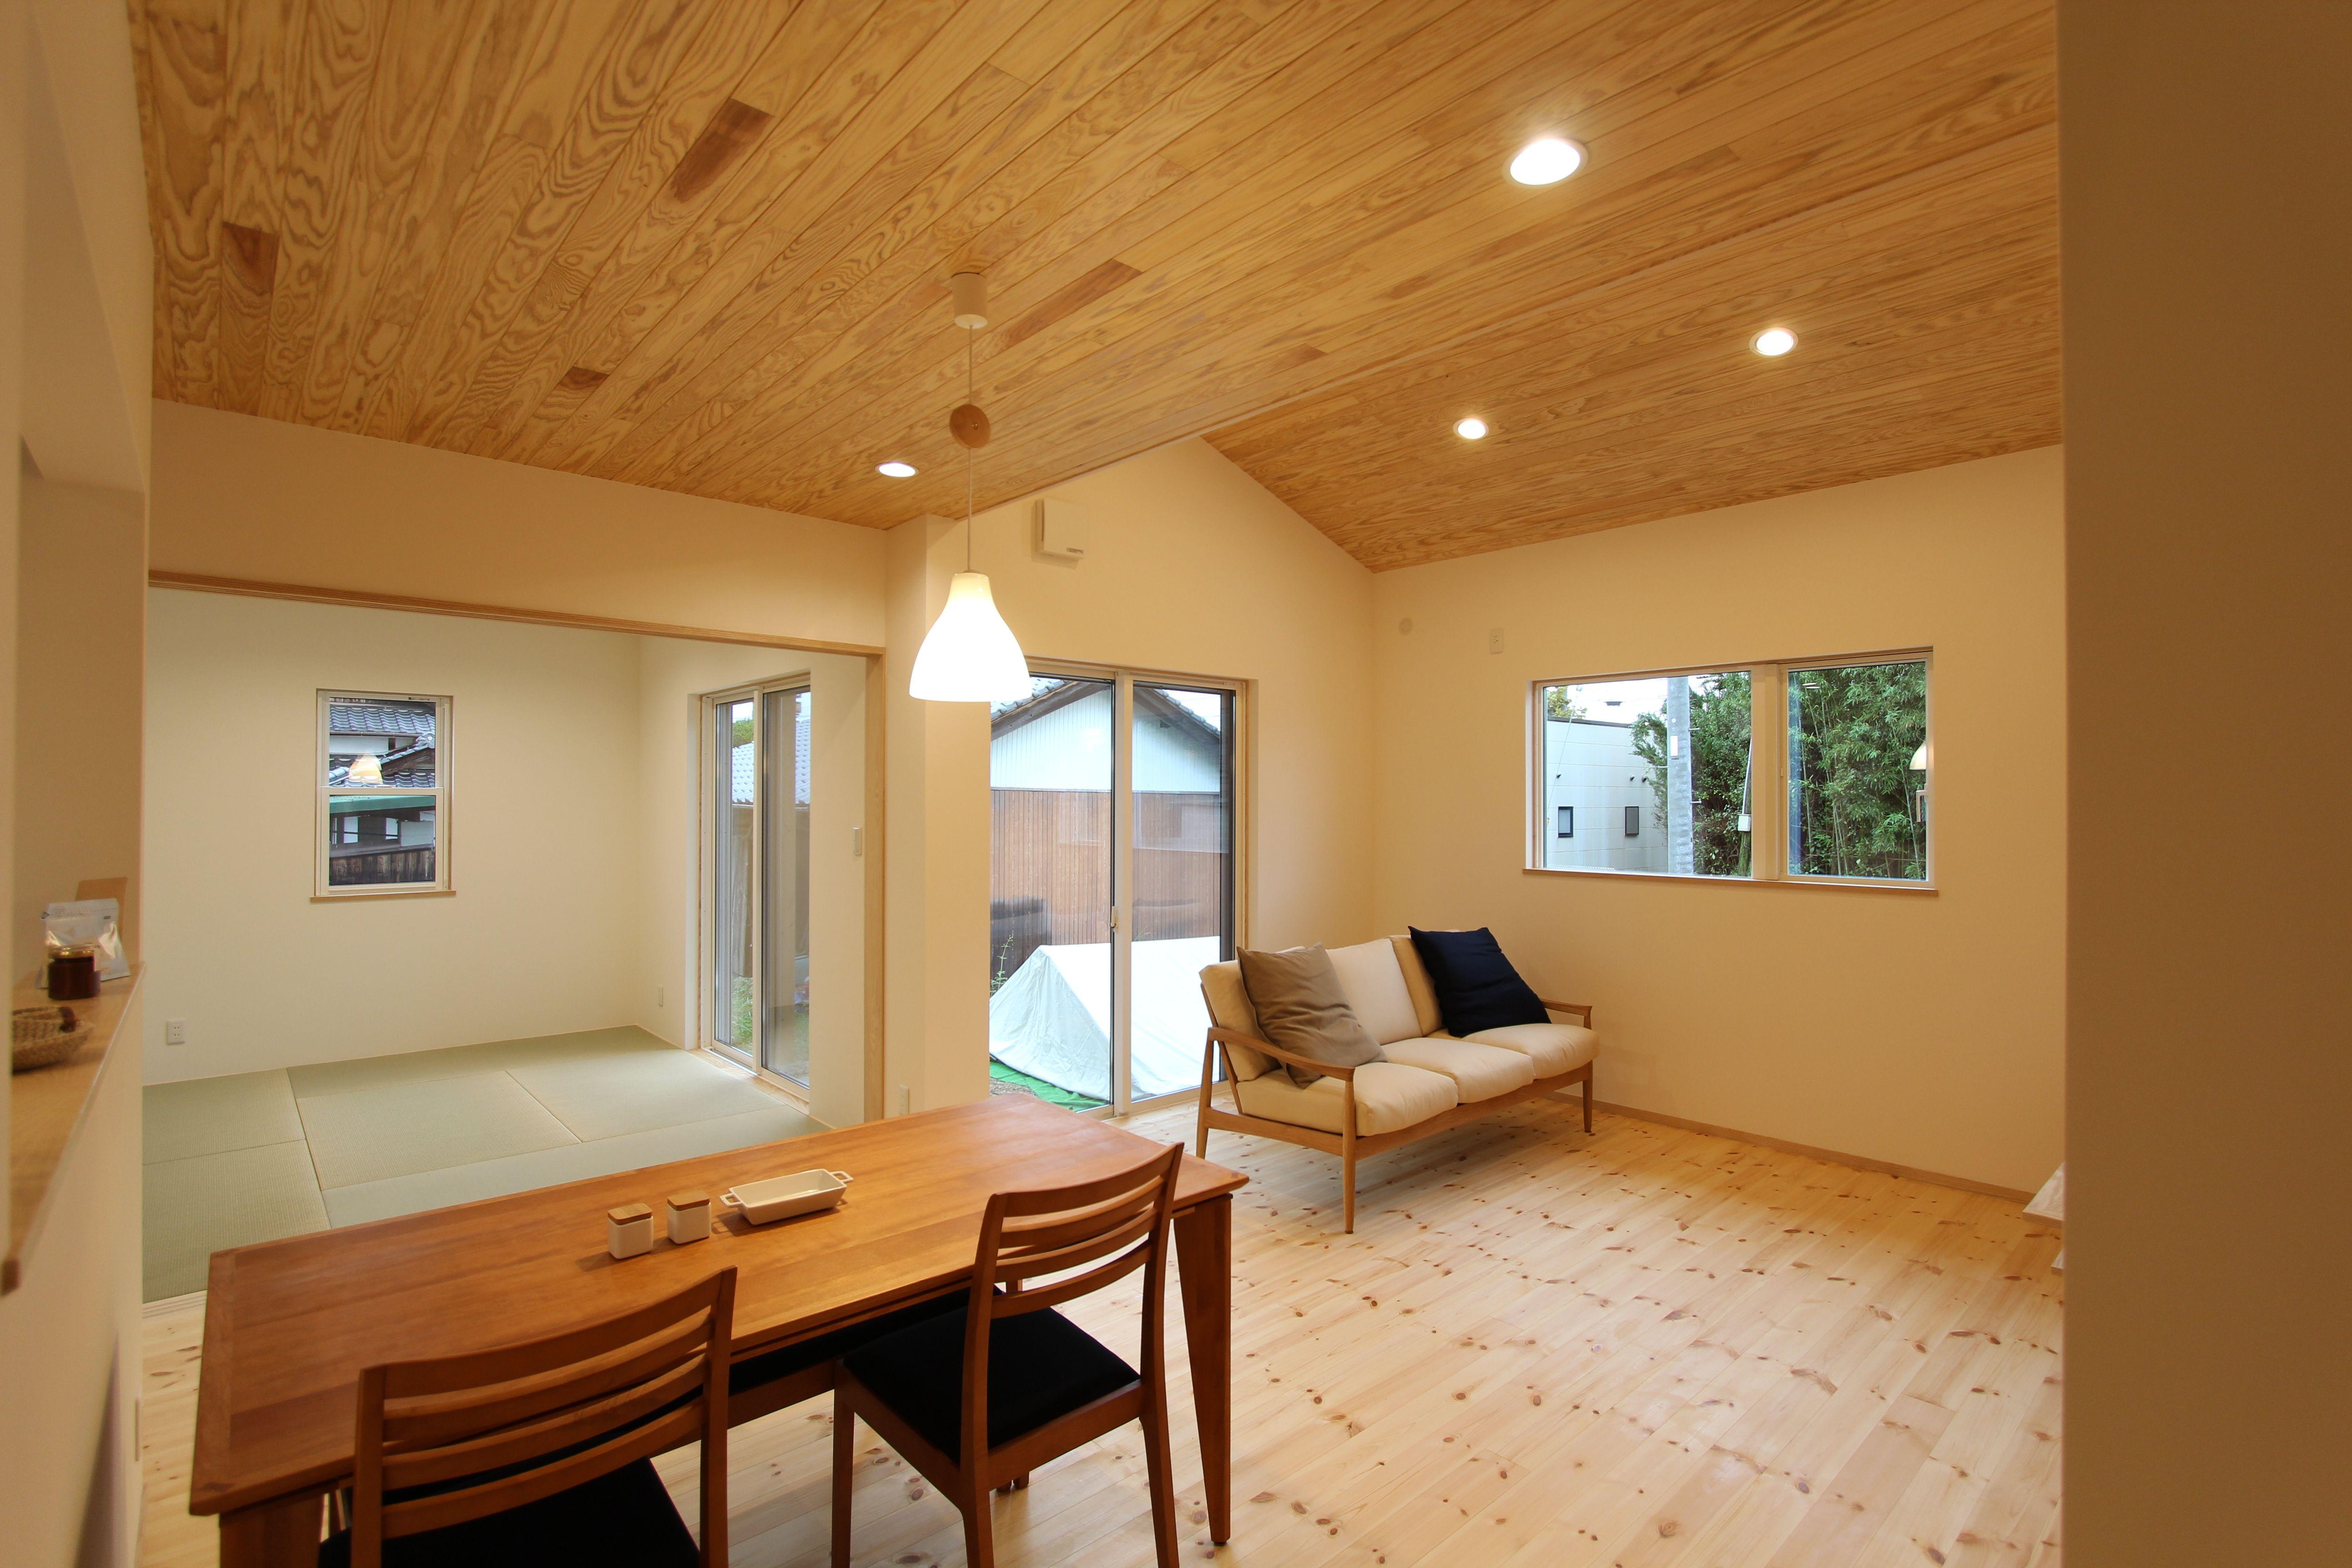 ダイニング施工事例 杉板張り天井が爽やかなリビング 山口 注文住宅